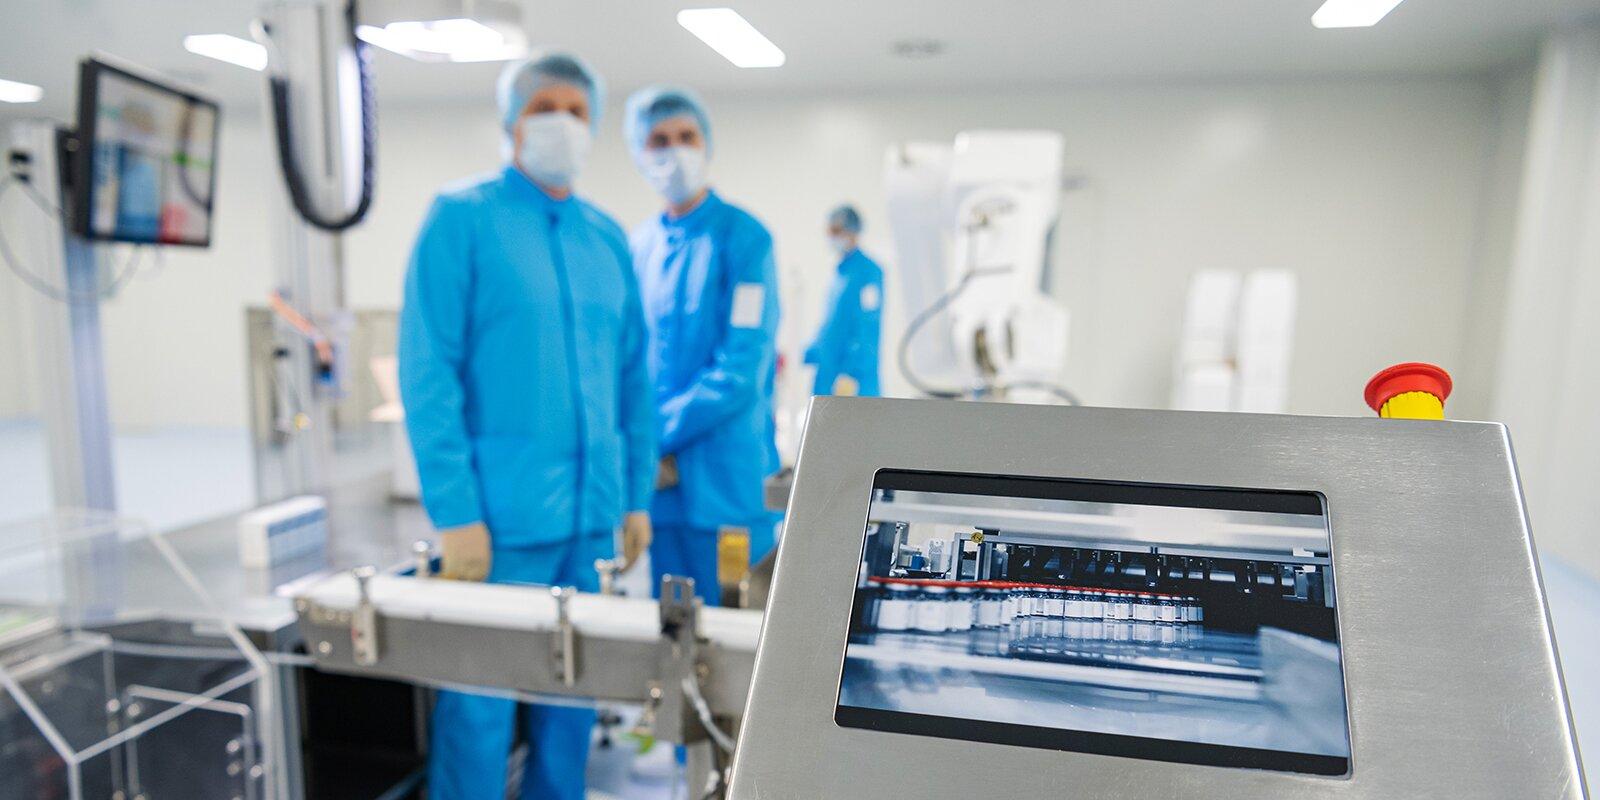 Вакцина или плацебо: к середине июля участникам испытаний Спутника V планируют открыть данные исследования